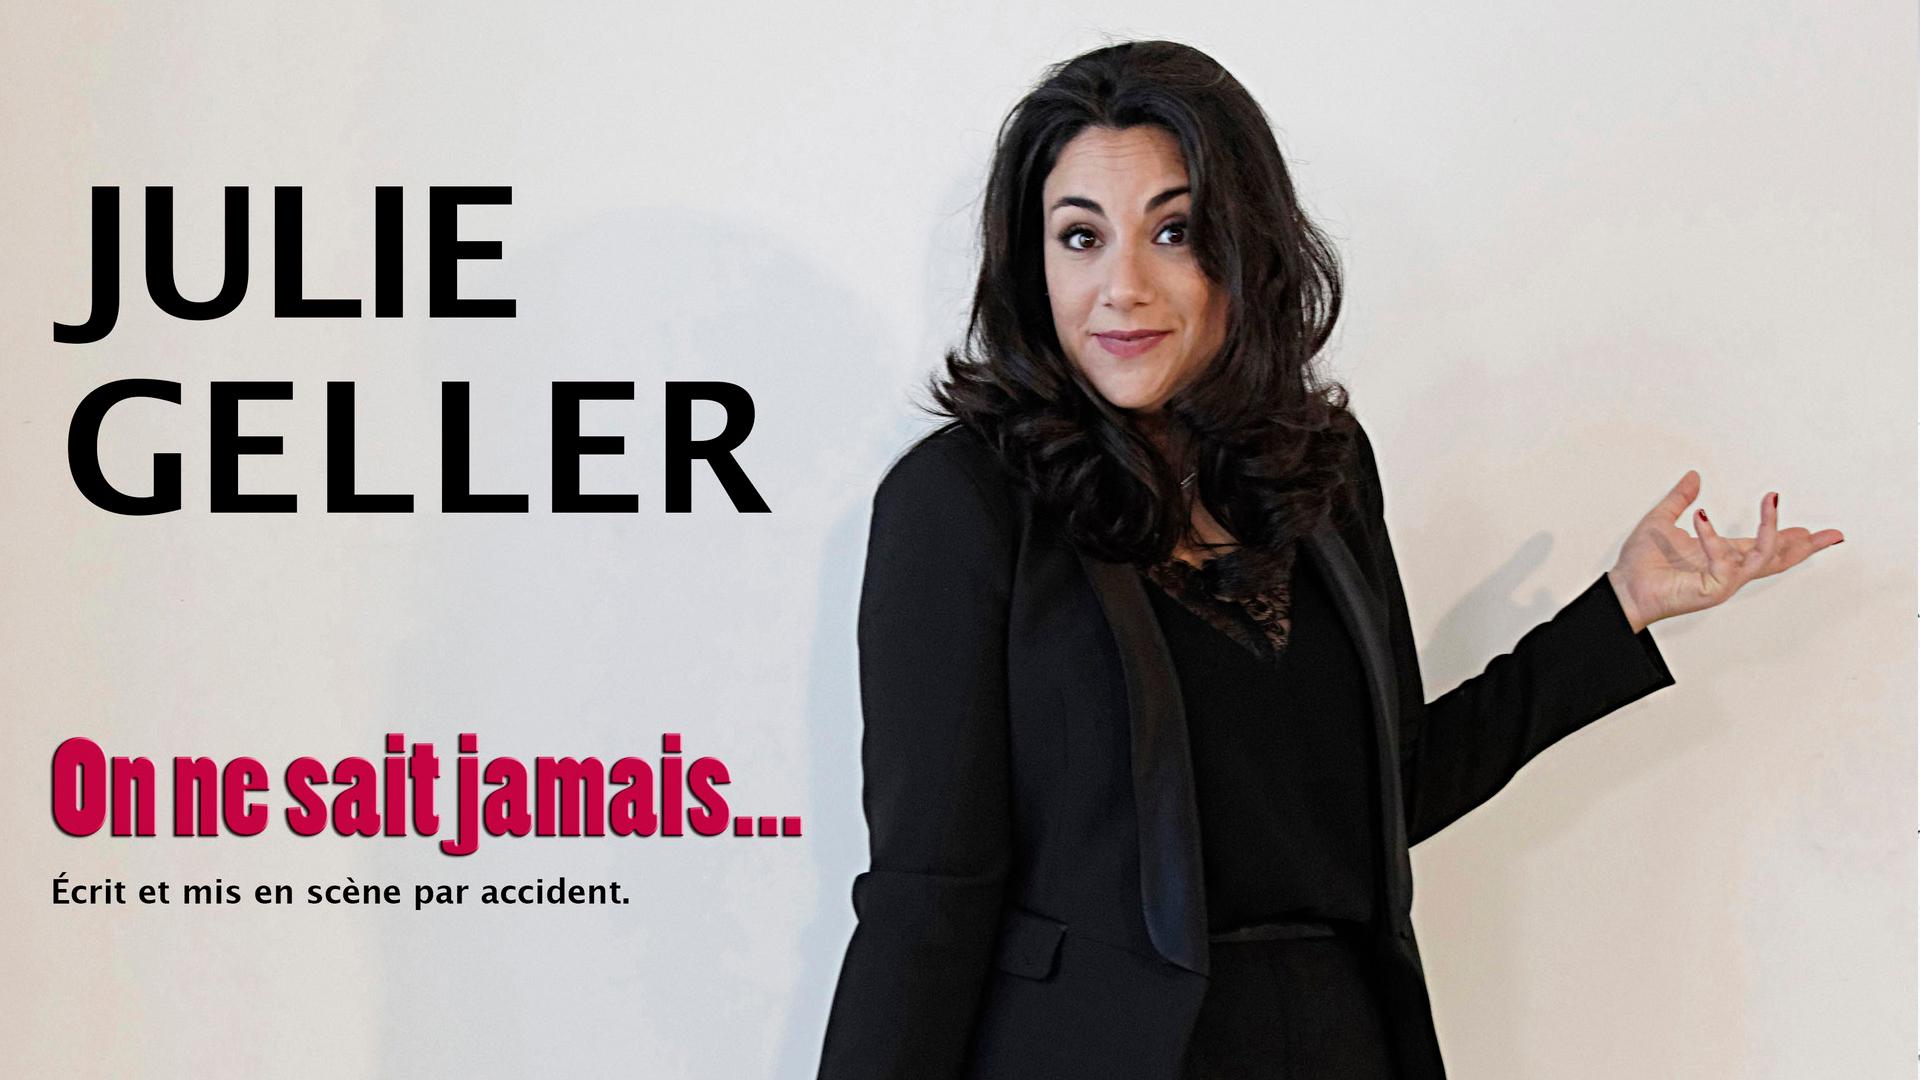 Cliquez ici pour en savoir plus sur JULIE GELLER